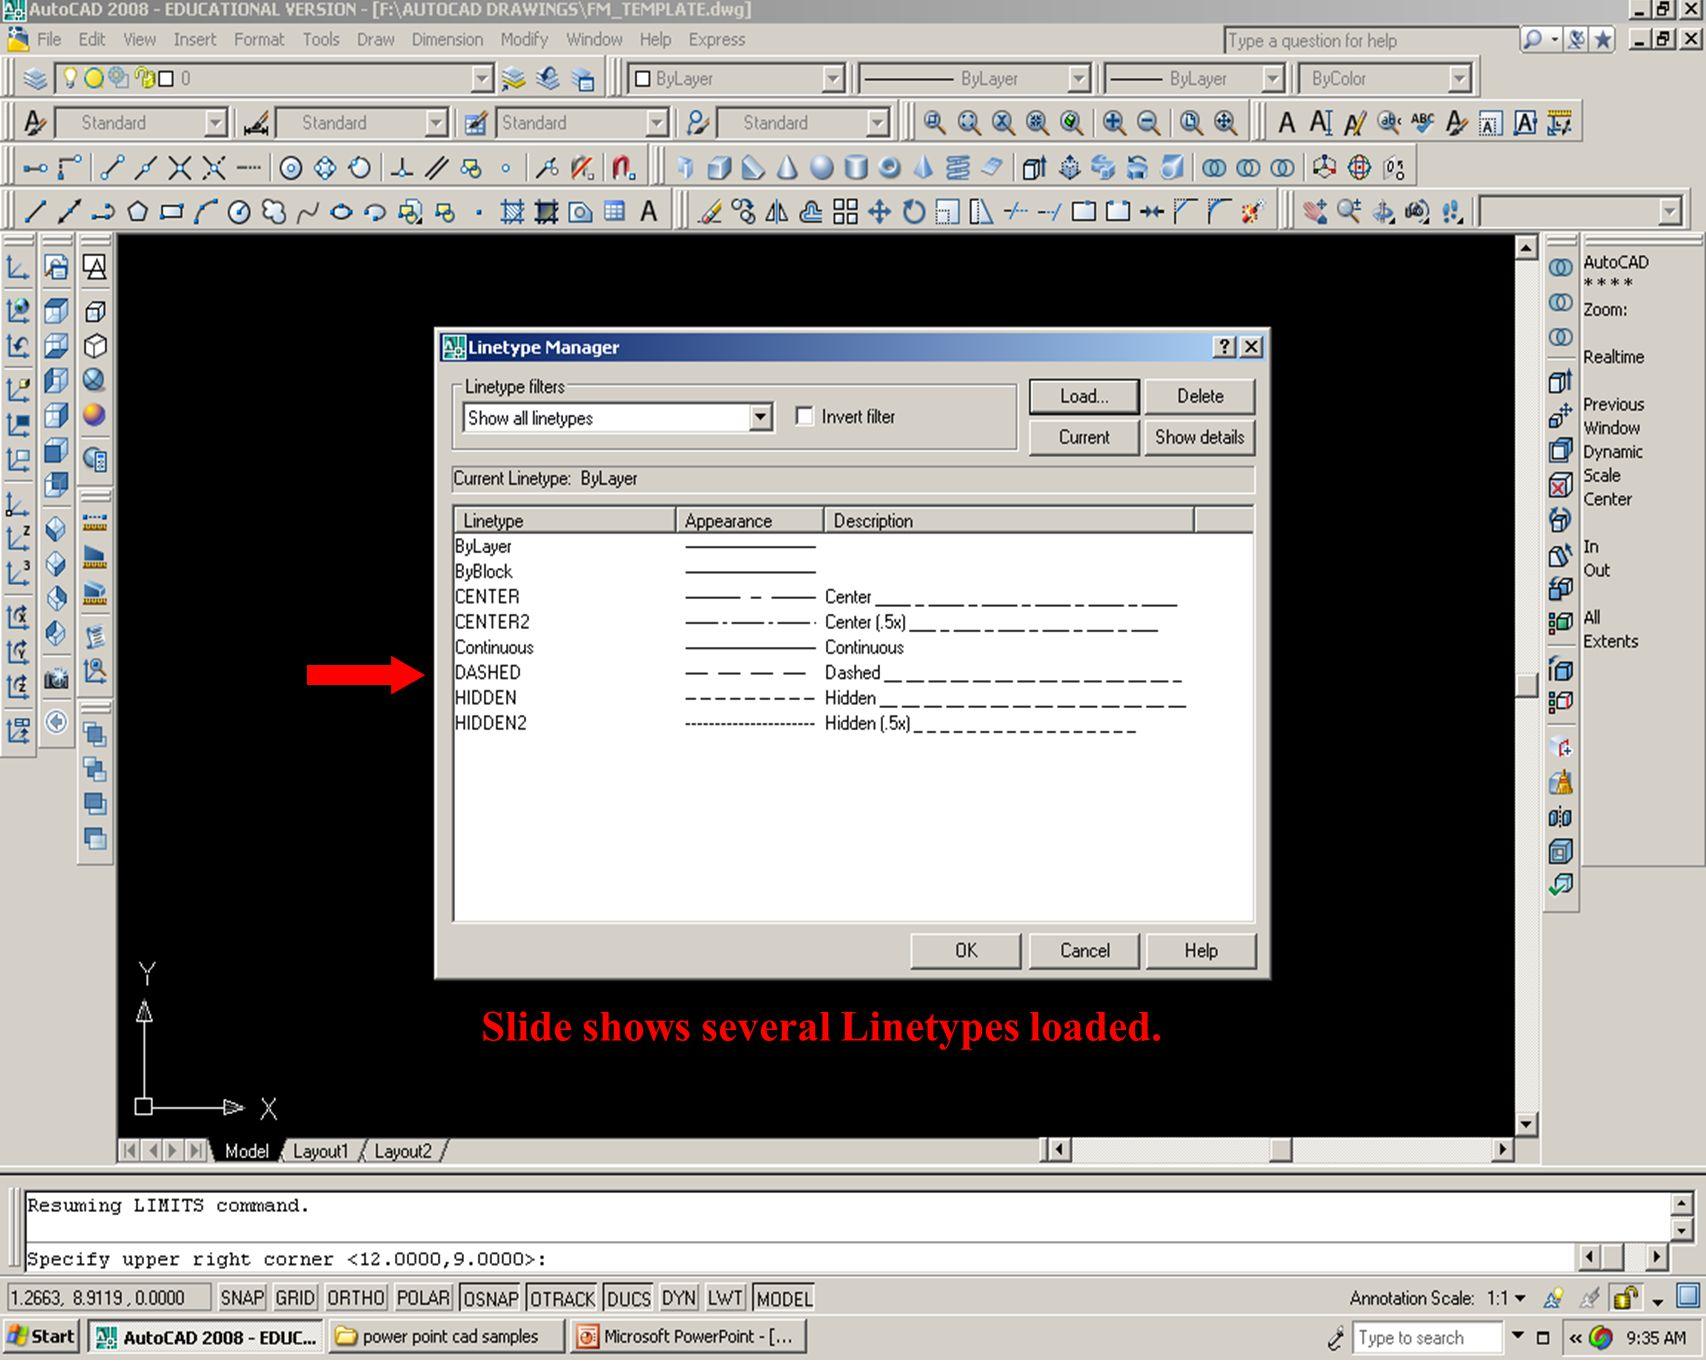 Slide shows several Linetypes loaded.